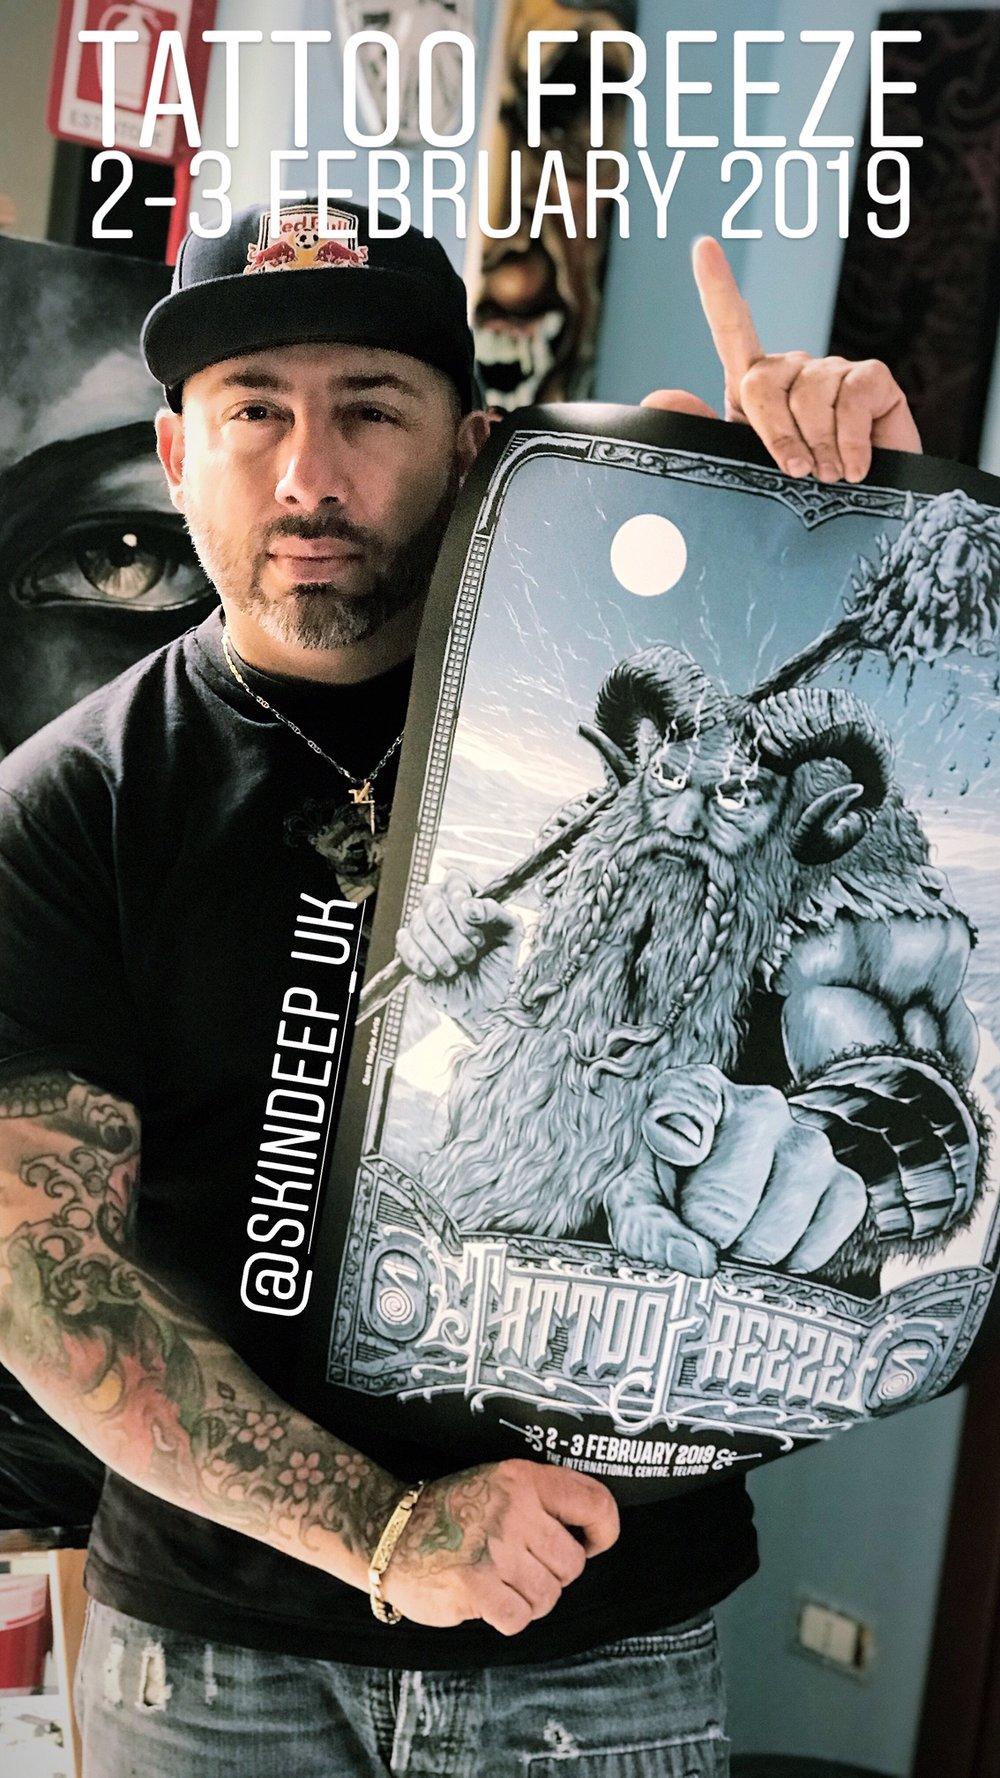 Junior Perez, Junior Tattoo